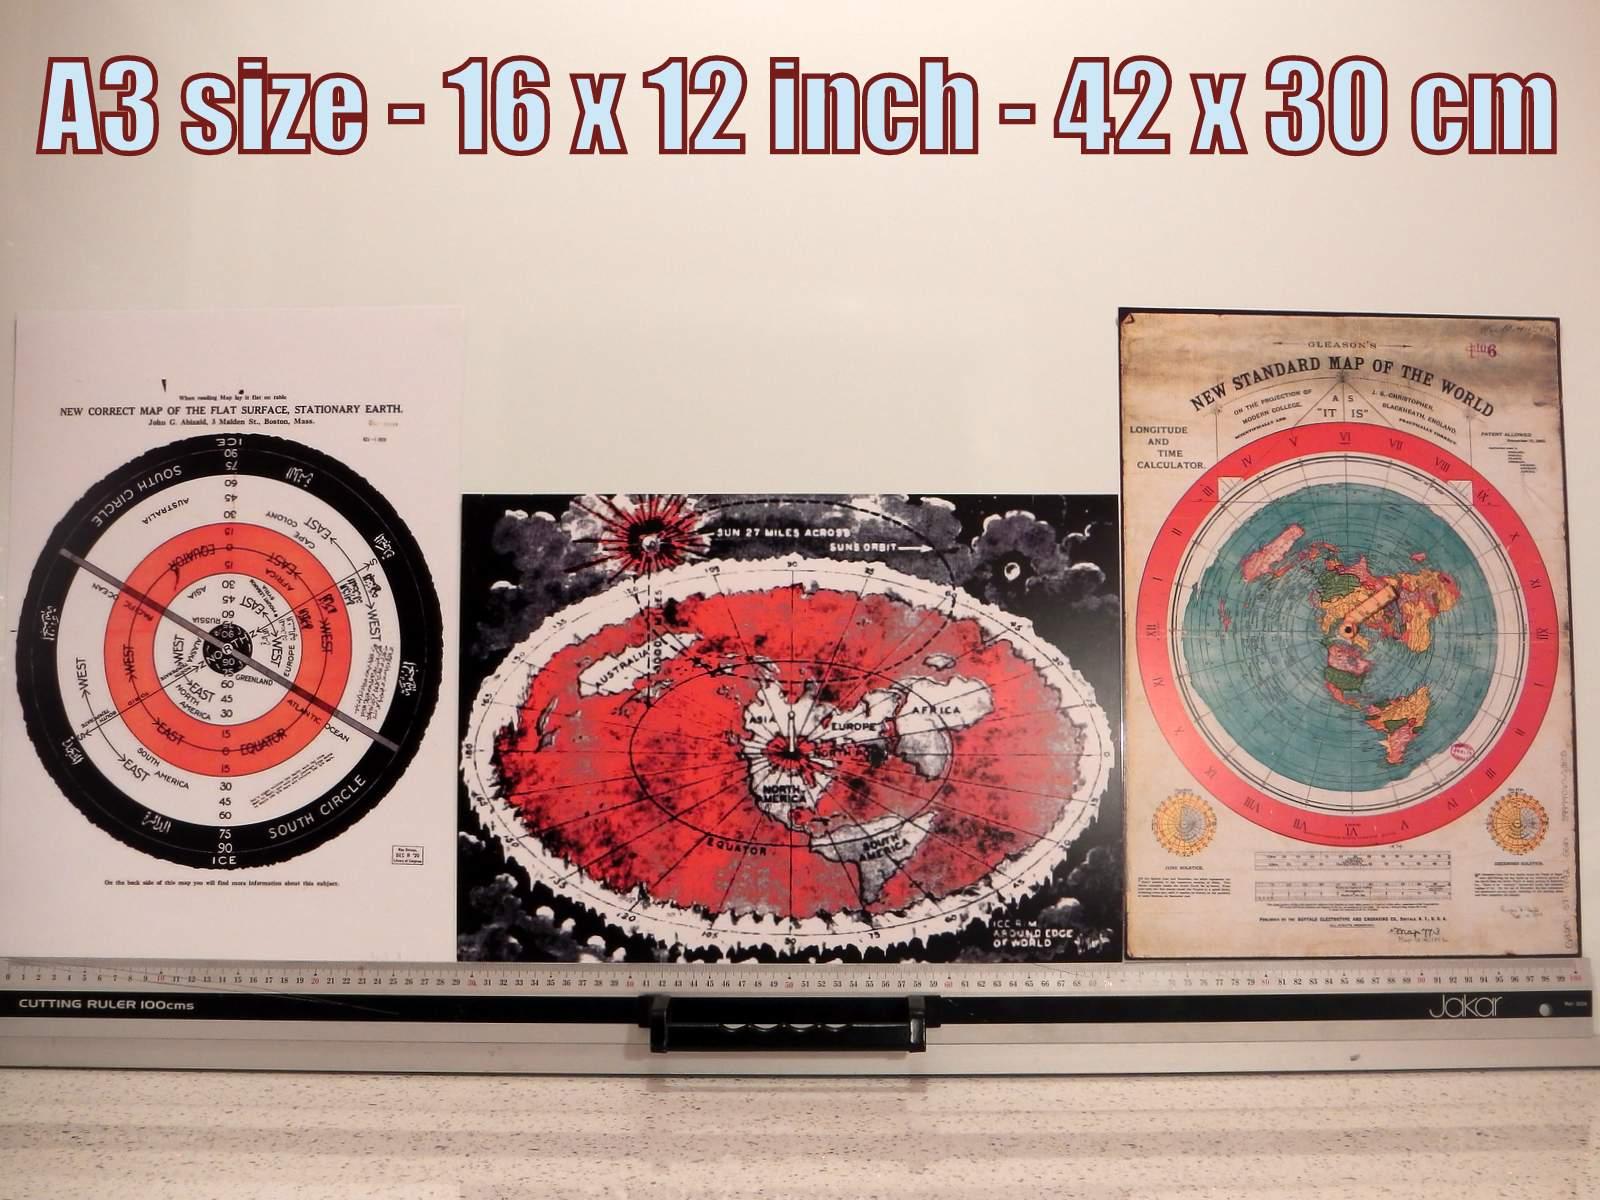 3x Flat Earth Prints #3.1